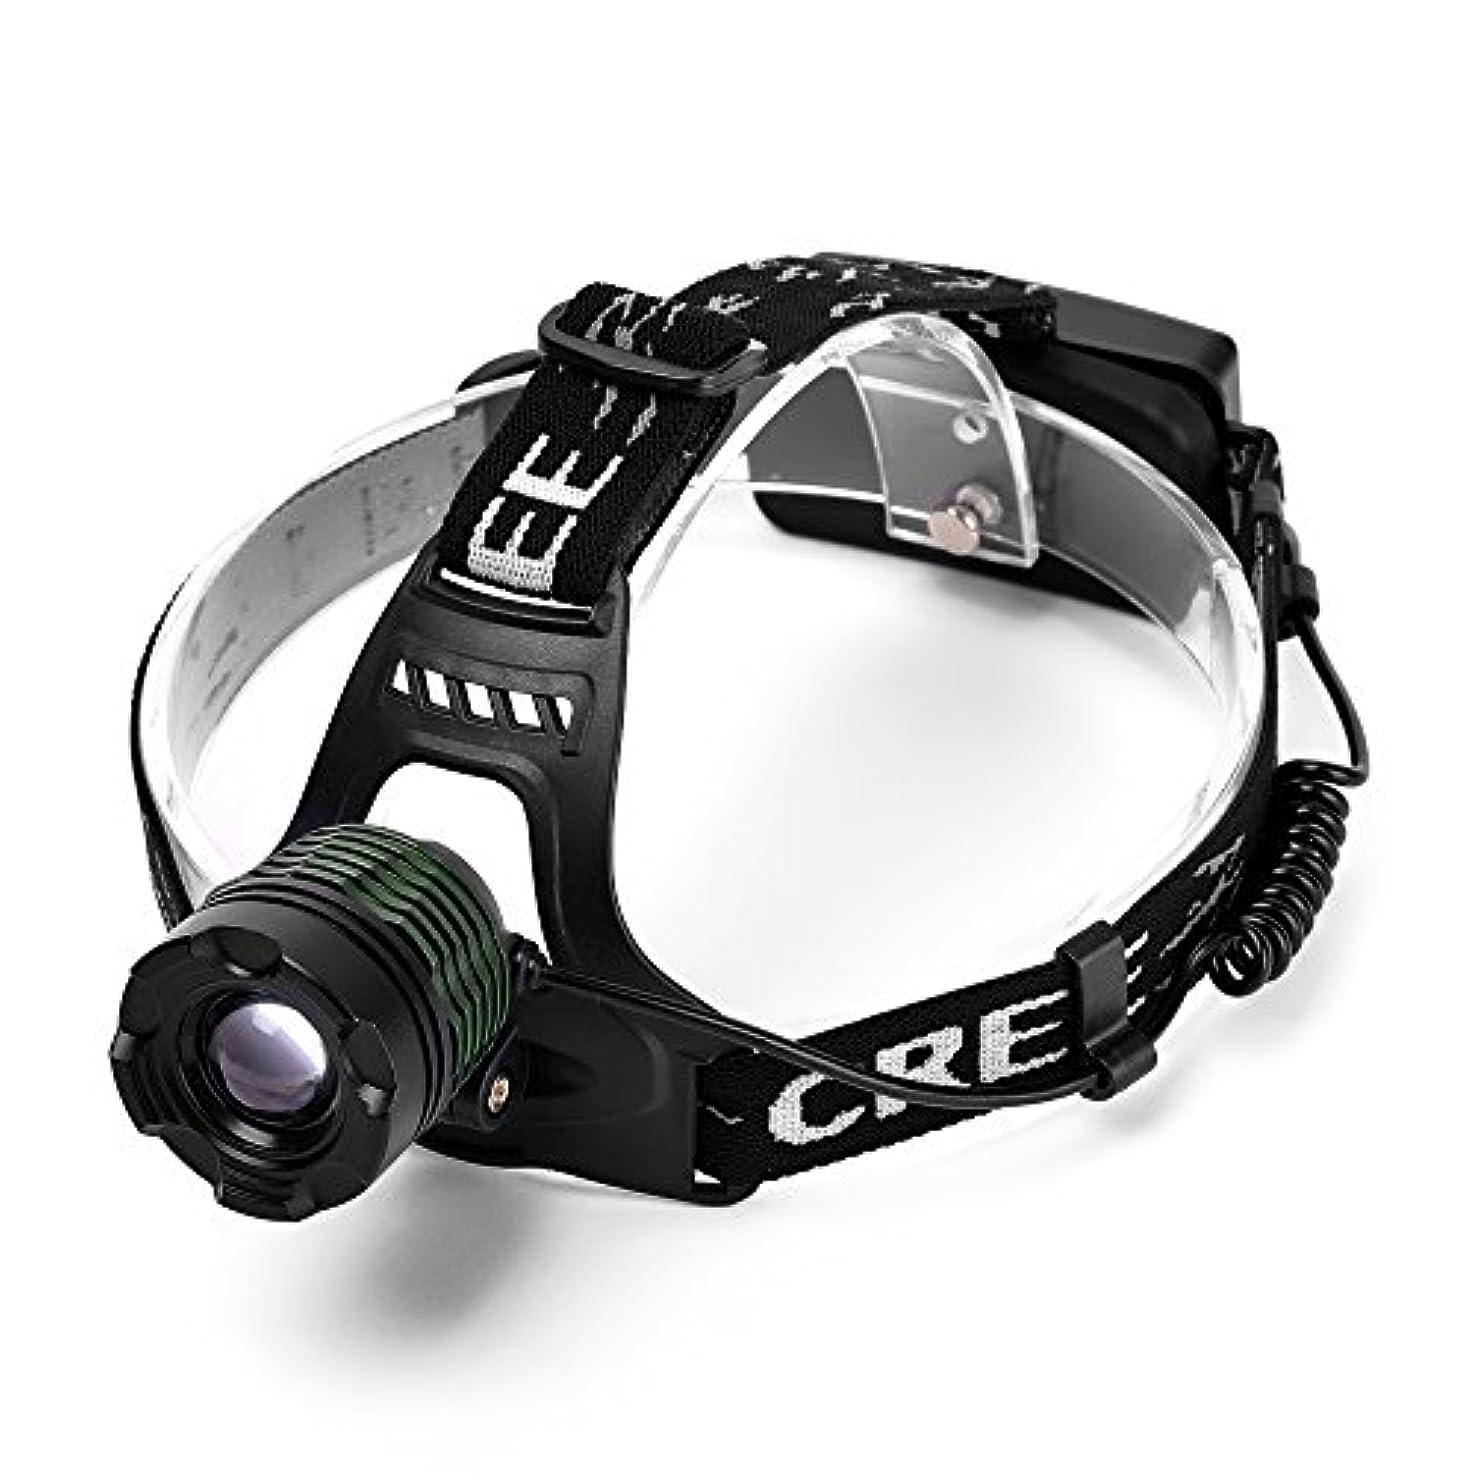 文庫本ちらつきパネルVander XM-L T6 LED 1200ルーメン防水ミリタリーフォーカシングヘッドライト [並行輸入品]